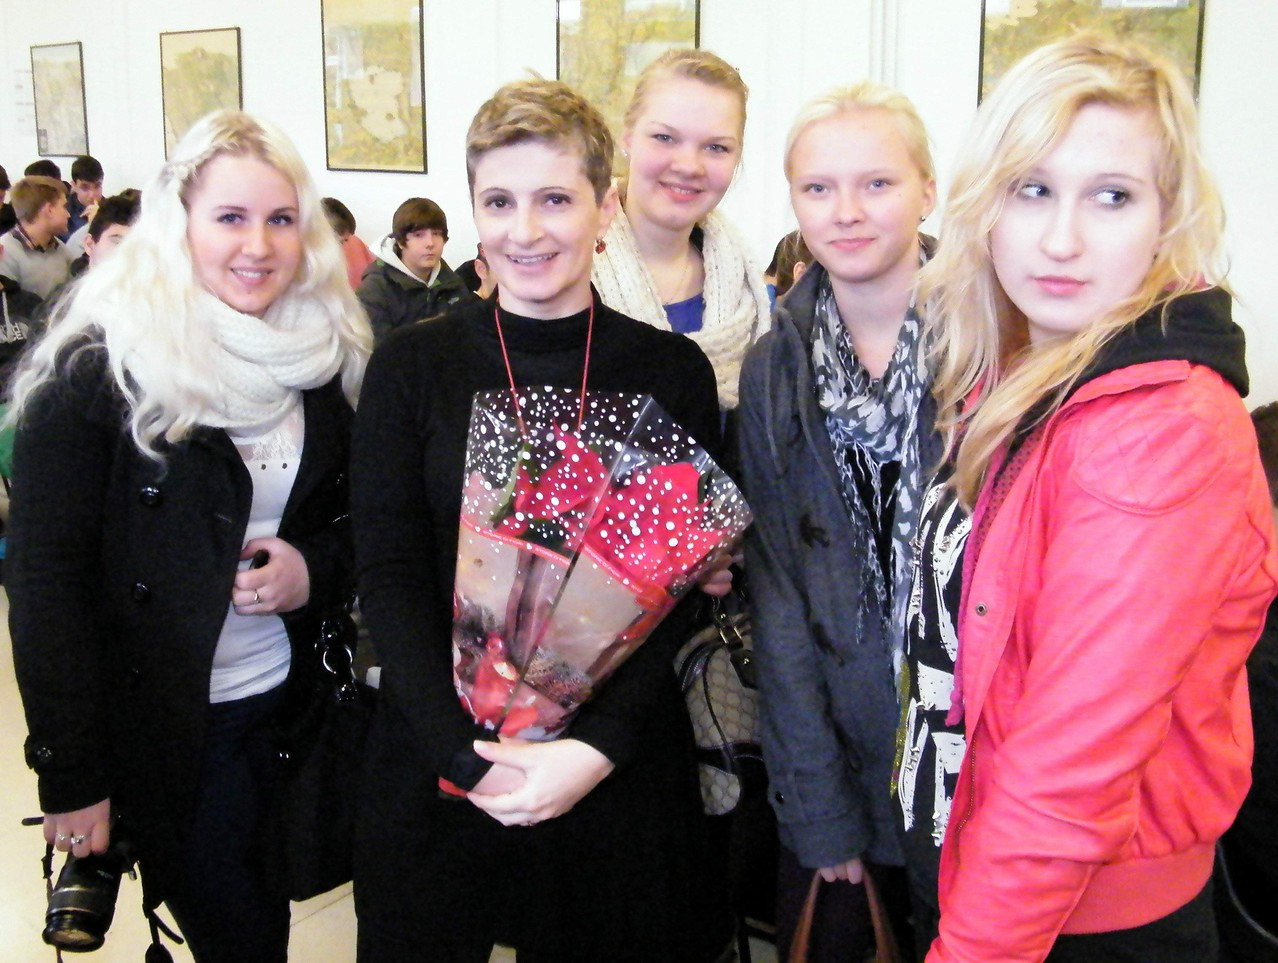 Le studentesse finlandesi Janina, Ruut, Oona e Tanya con la prof.ssa Mazzoni